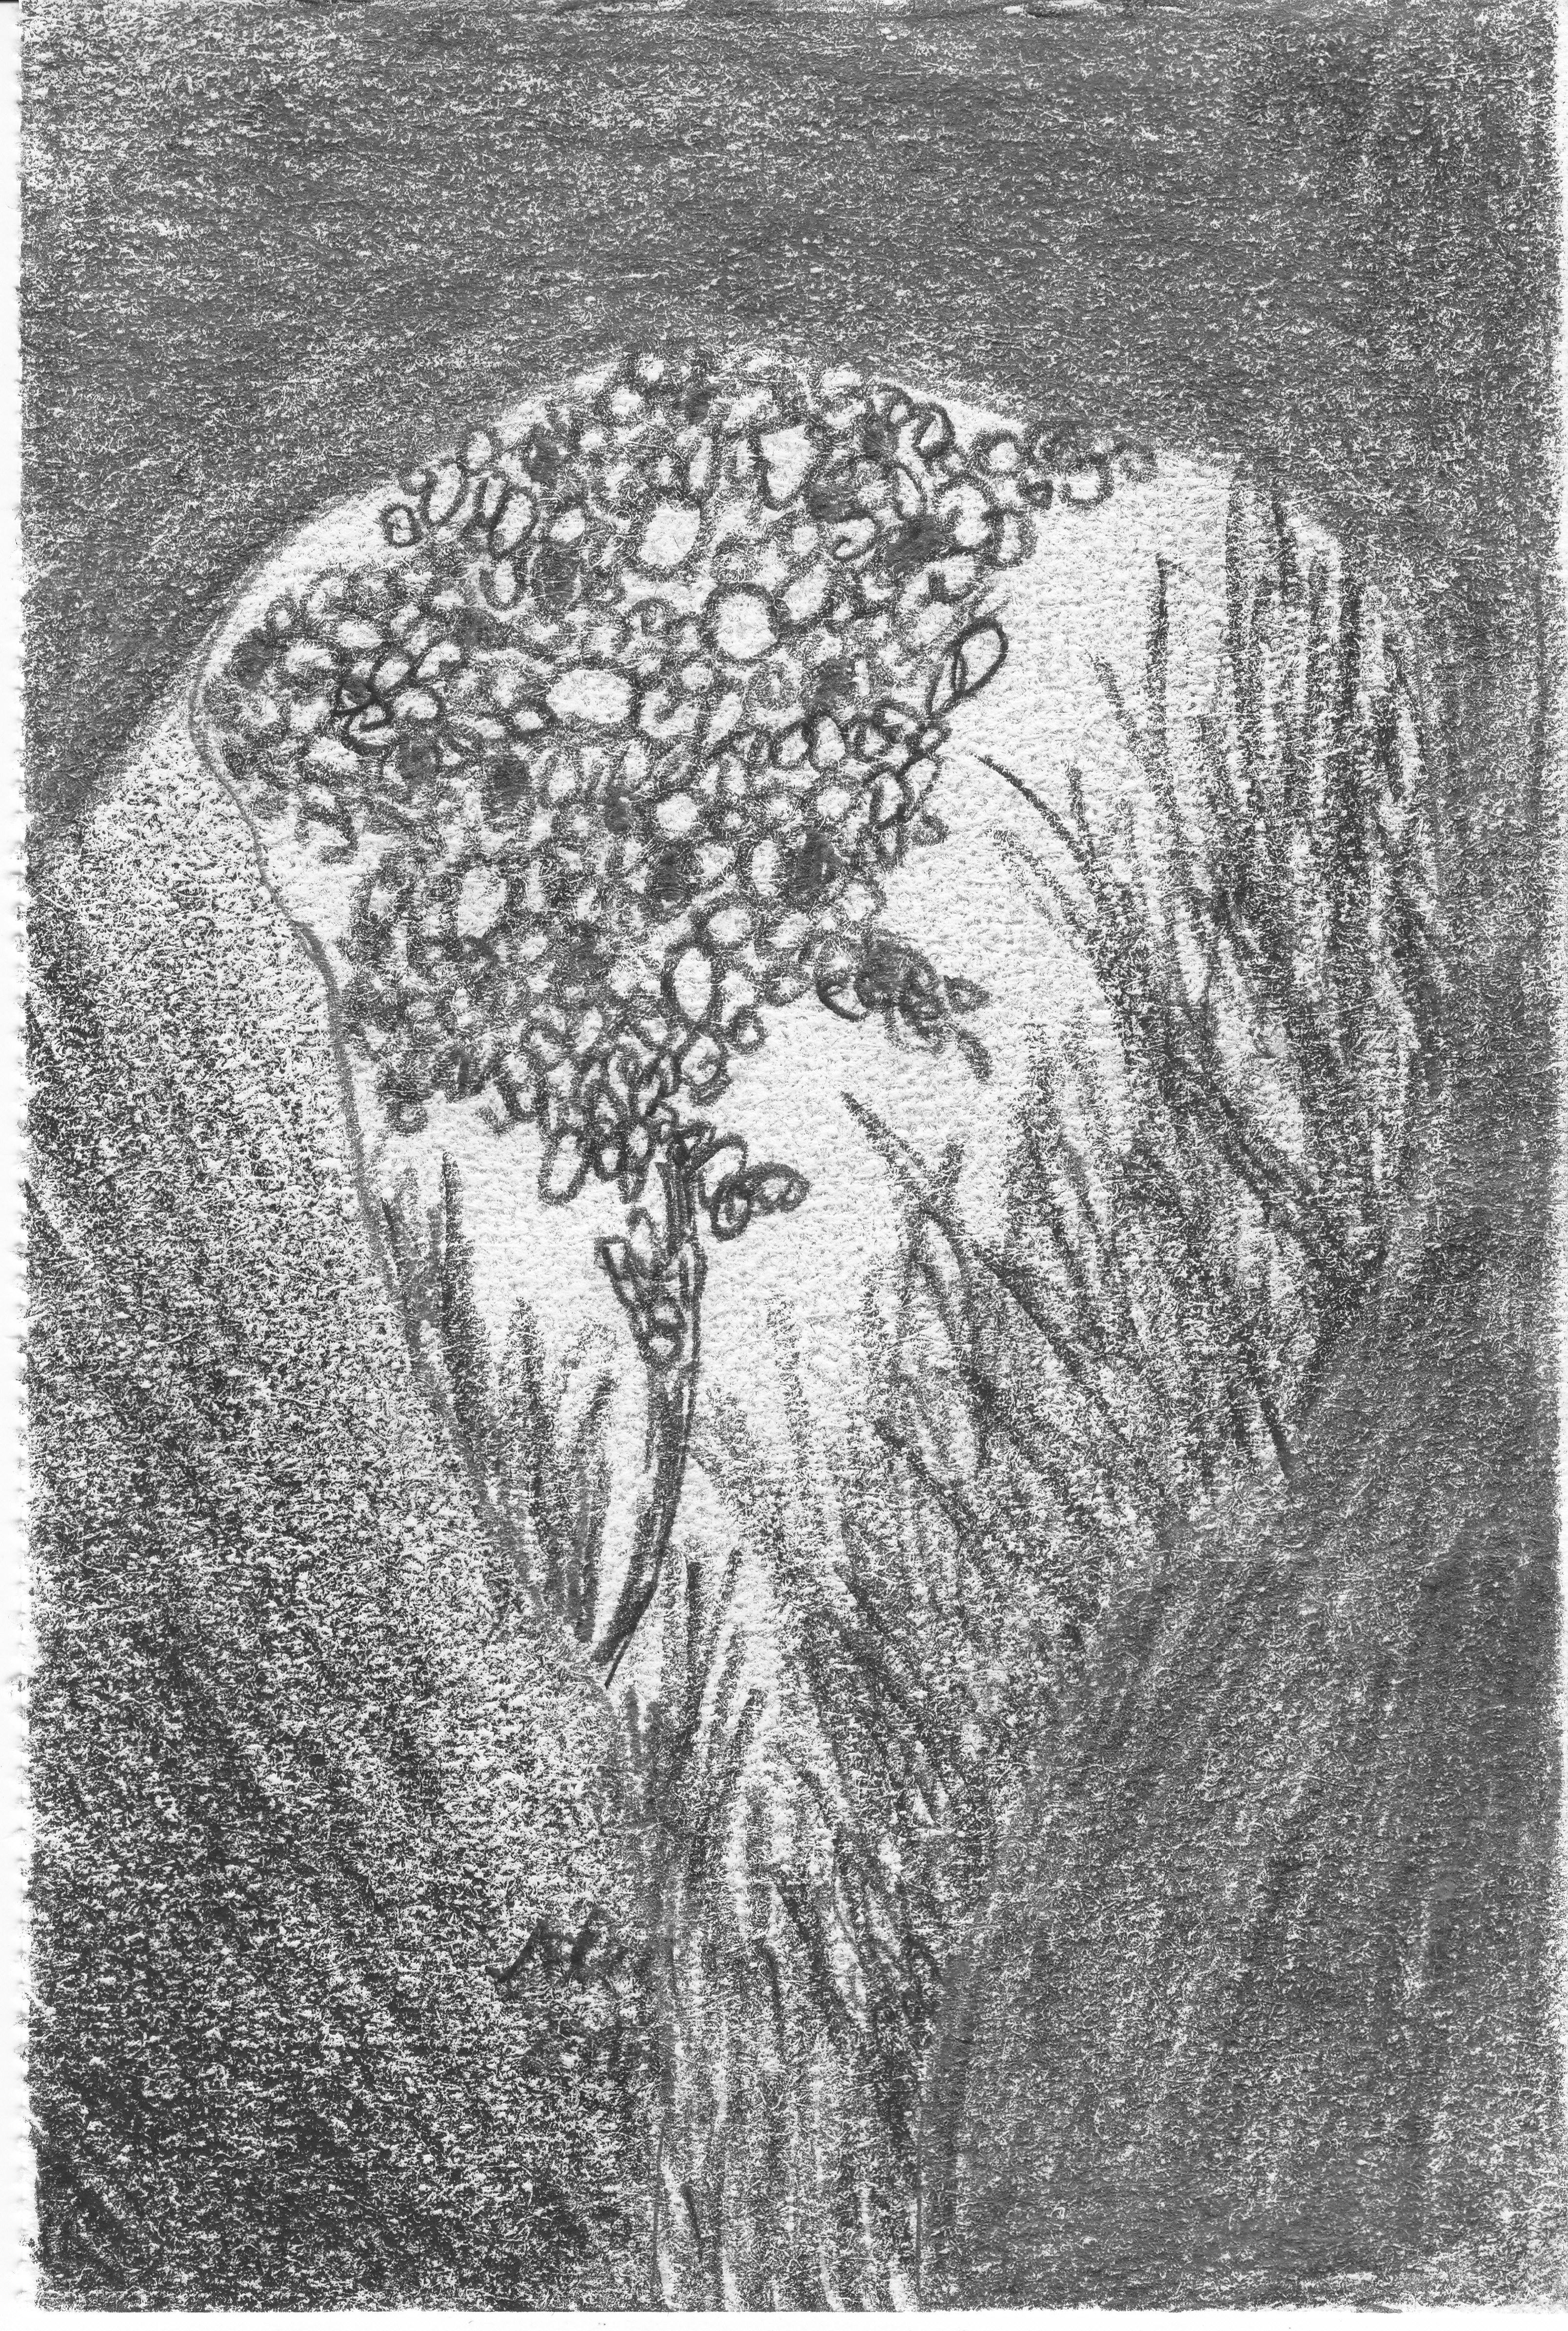 Blick_aus_der_Höhle;_Bleistift;_2016;_imachd.